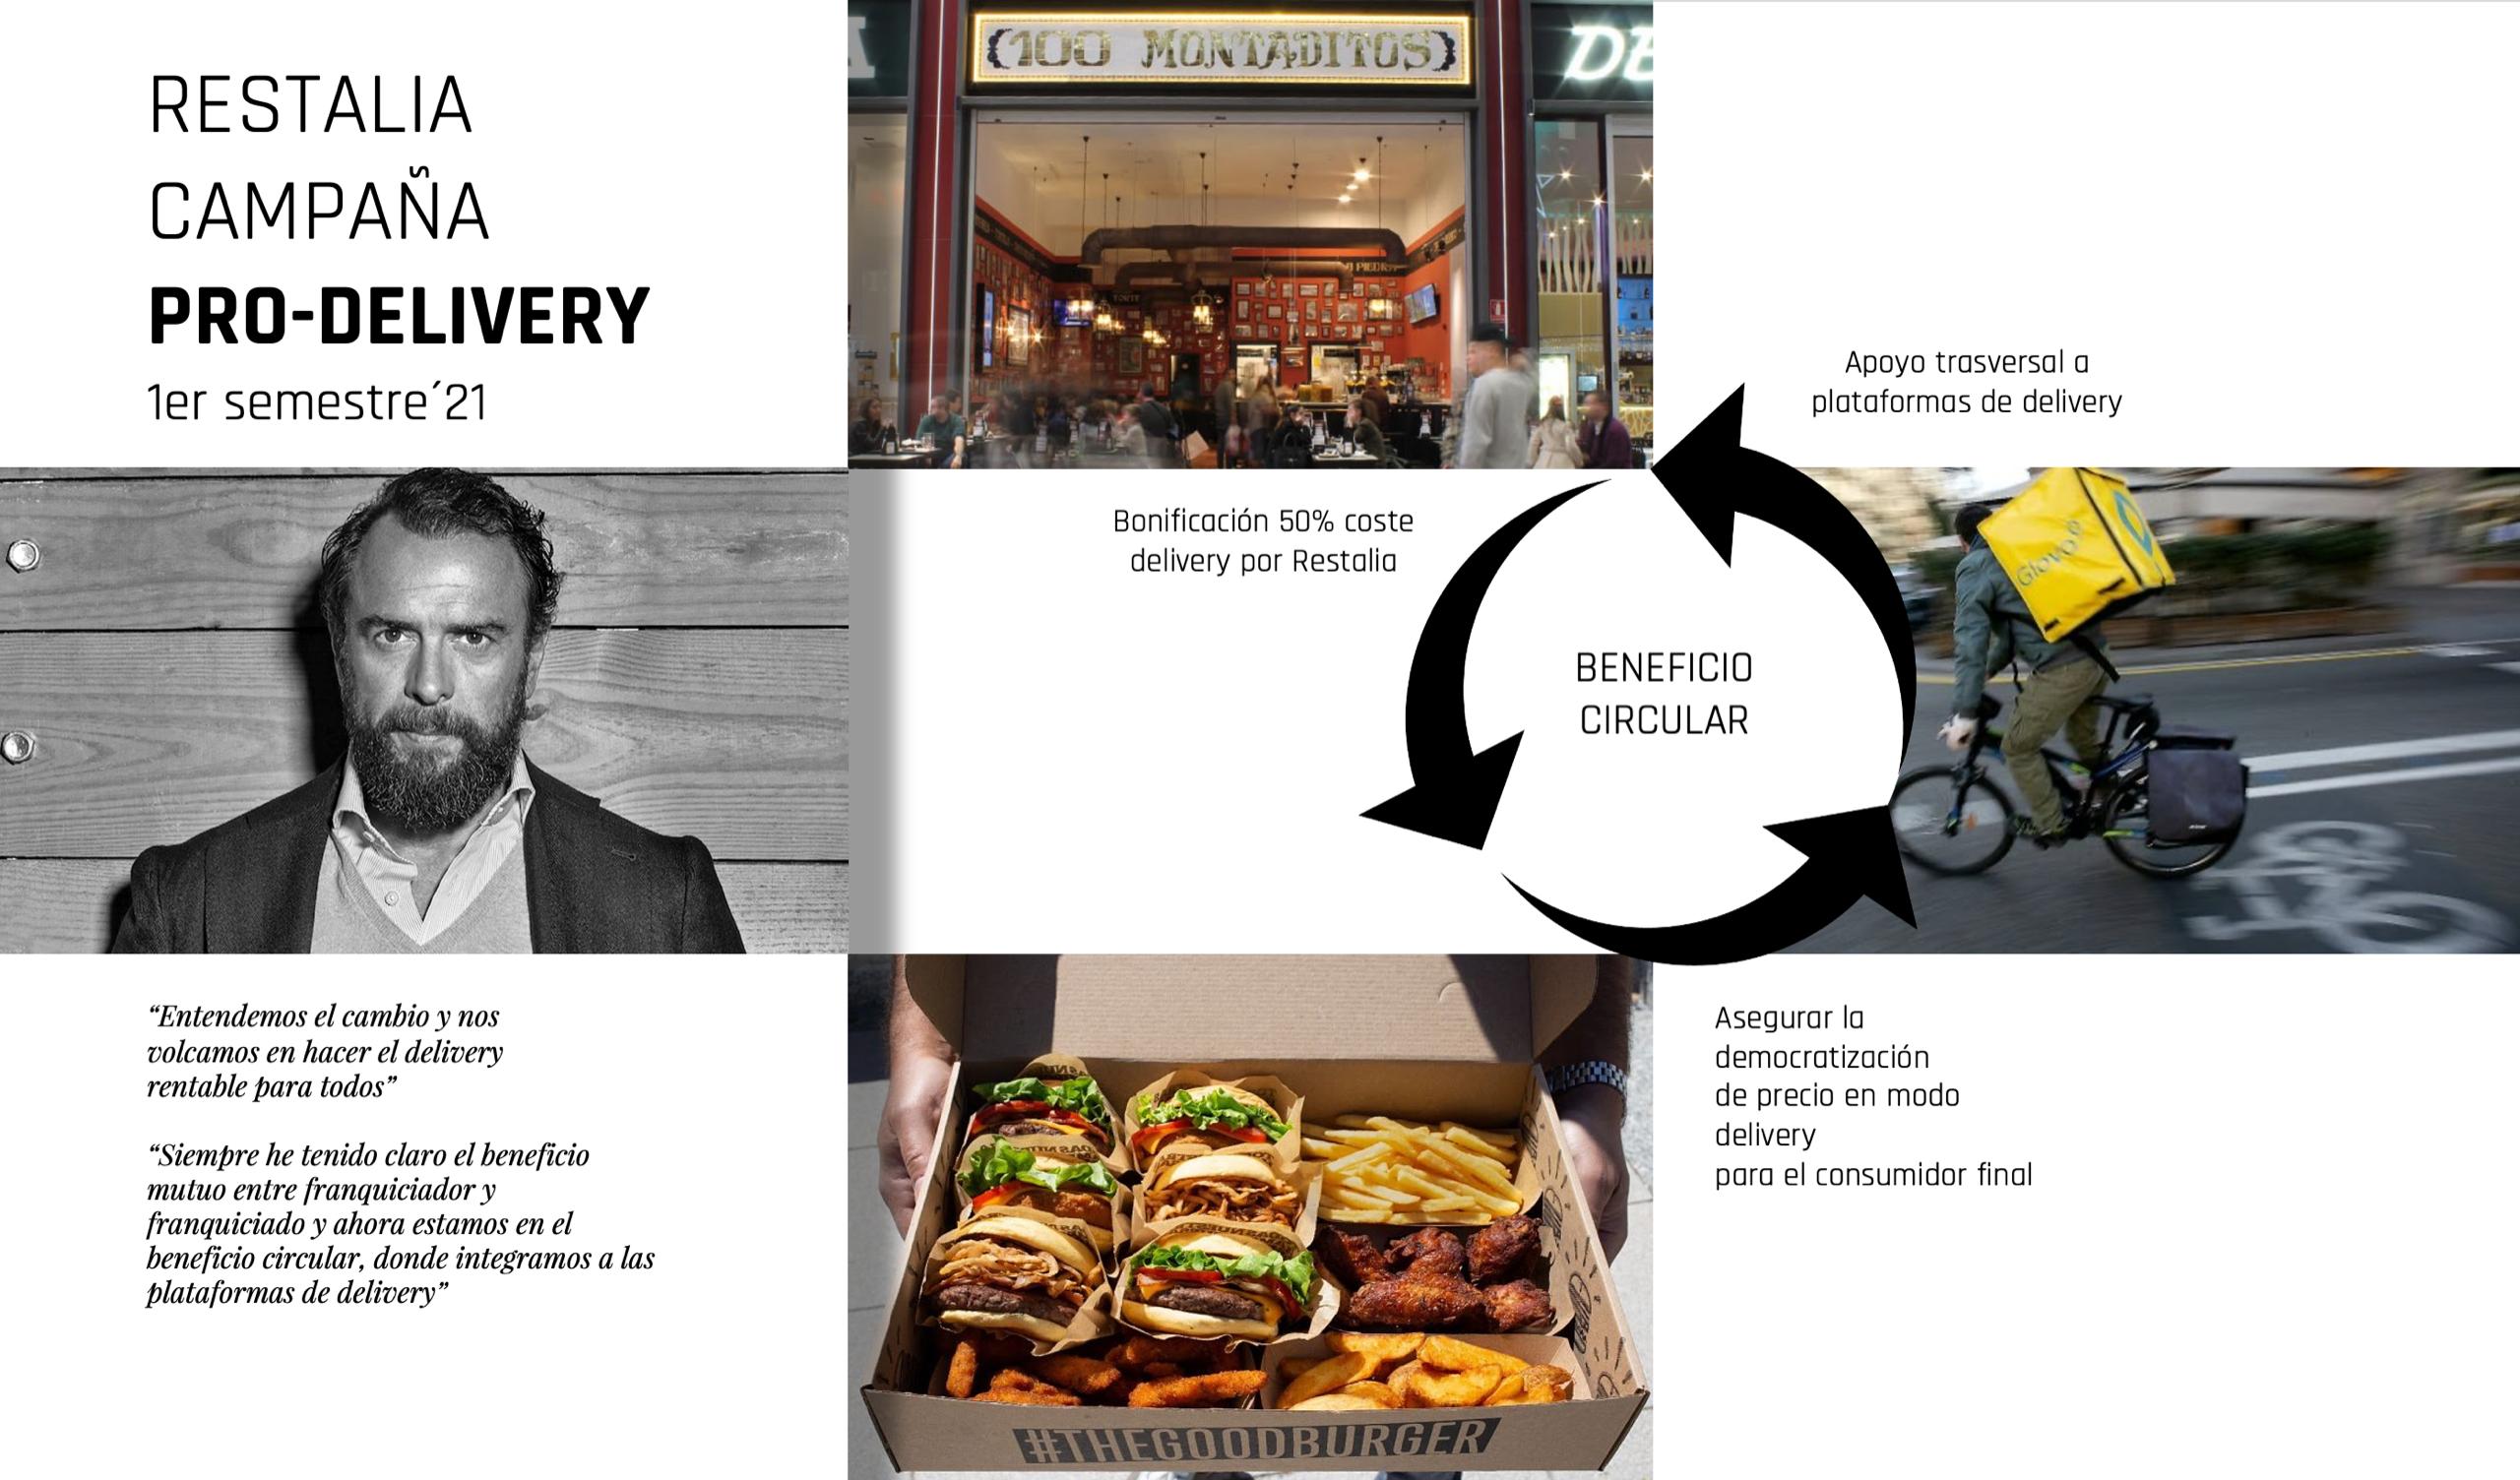 Restalia presenta Pro-Delivery, el cuarto paquete de apoyo a sus franquiciados, con ayudas de hasta el 50% en el delivery